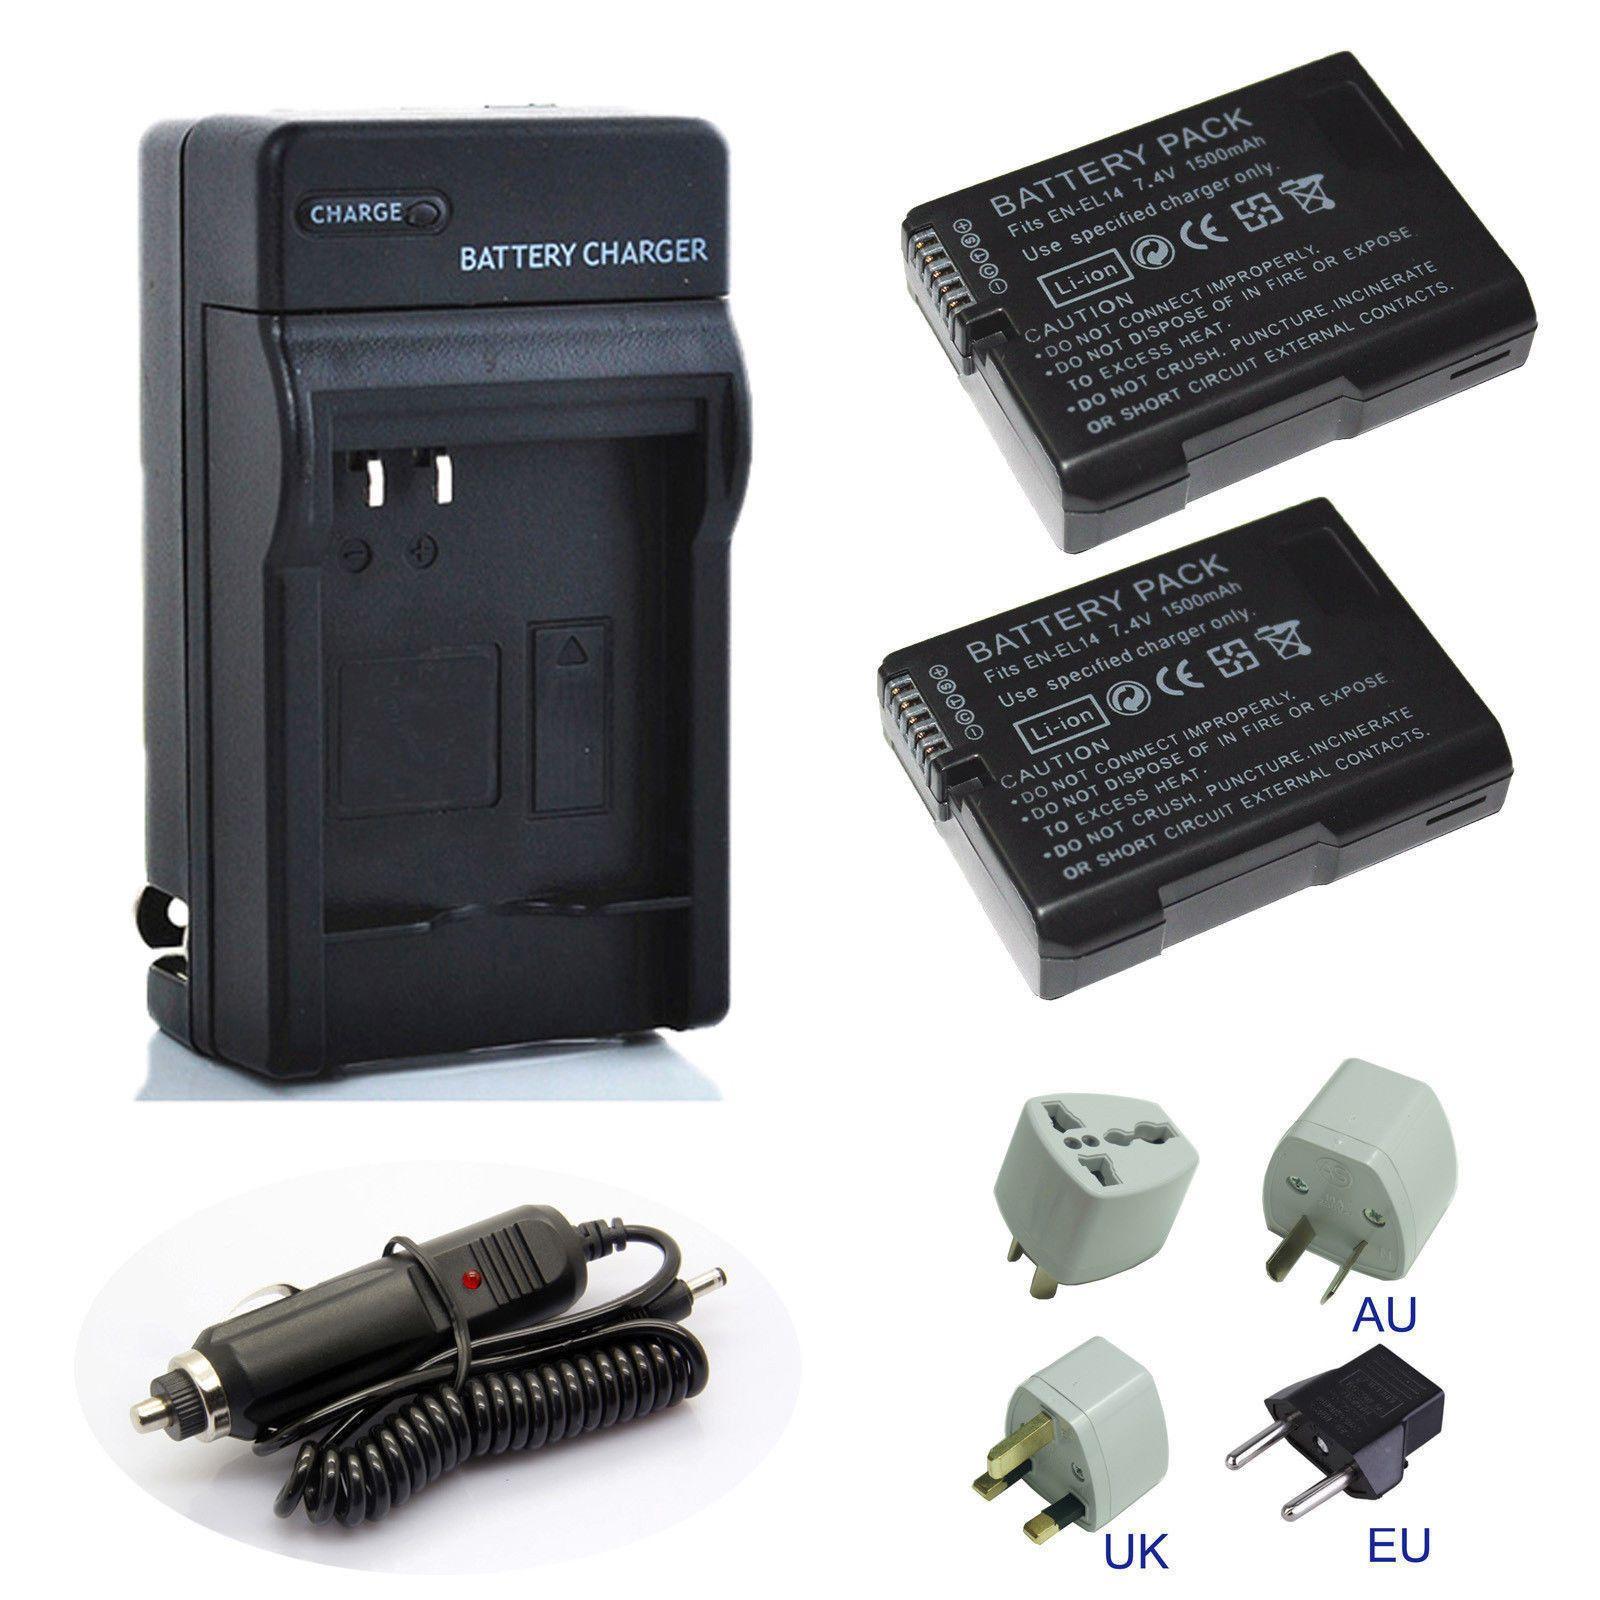 EN-EL14 ENEL14a USB Battery Charger For Nikon D5100 D3200 D3100 P7000 P7100 New